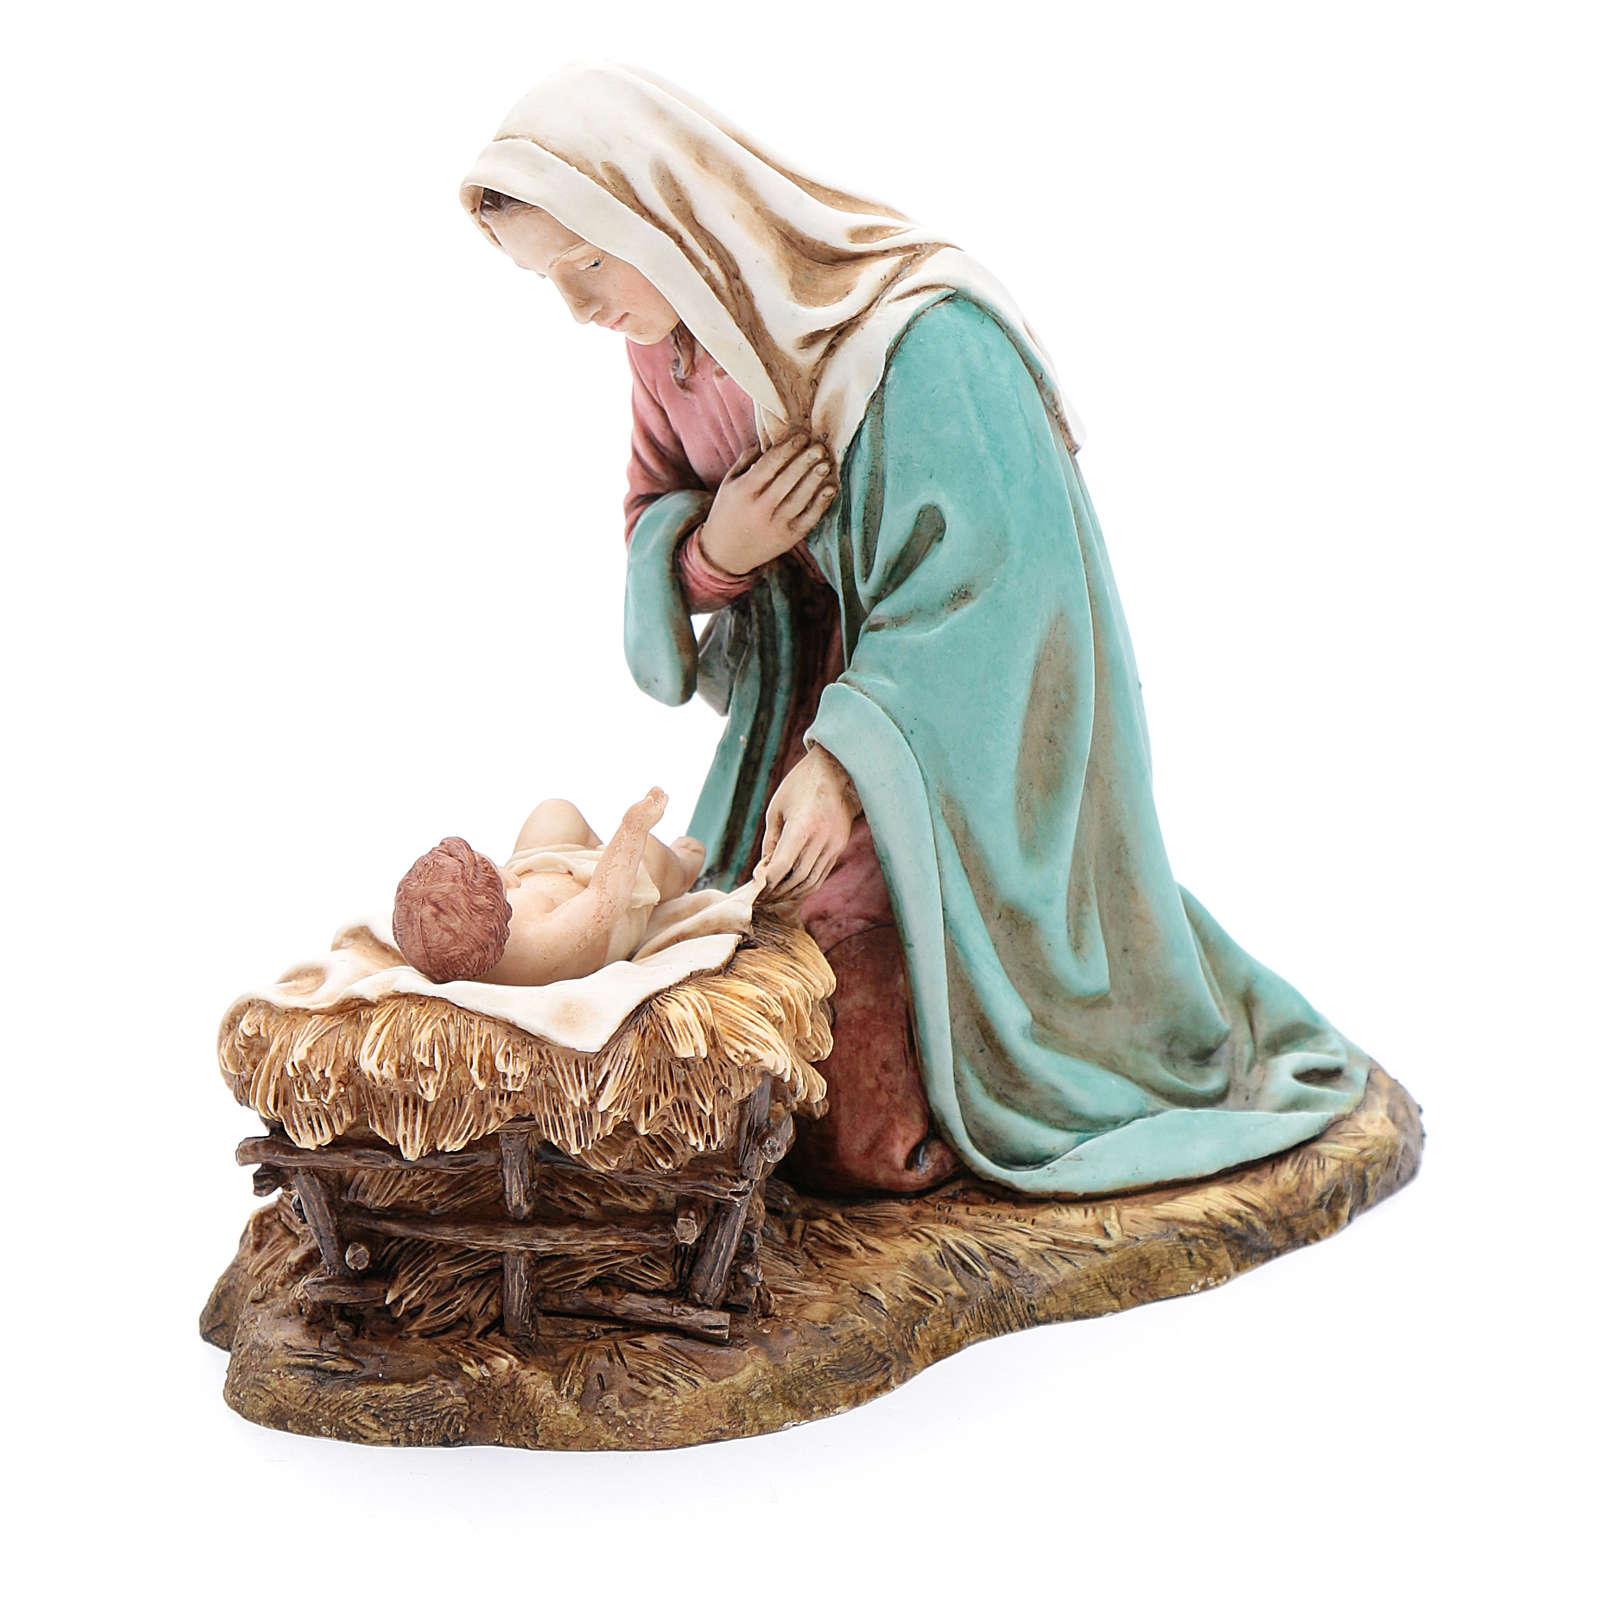 Vírgen María con Niño Jesús en cuna 20 cm Moranduzzo 4